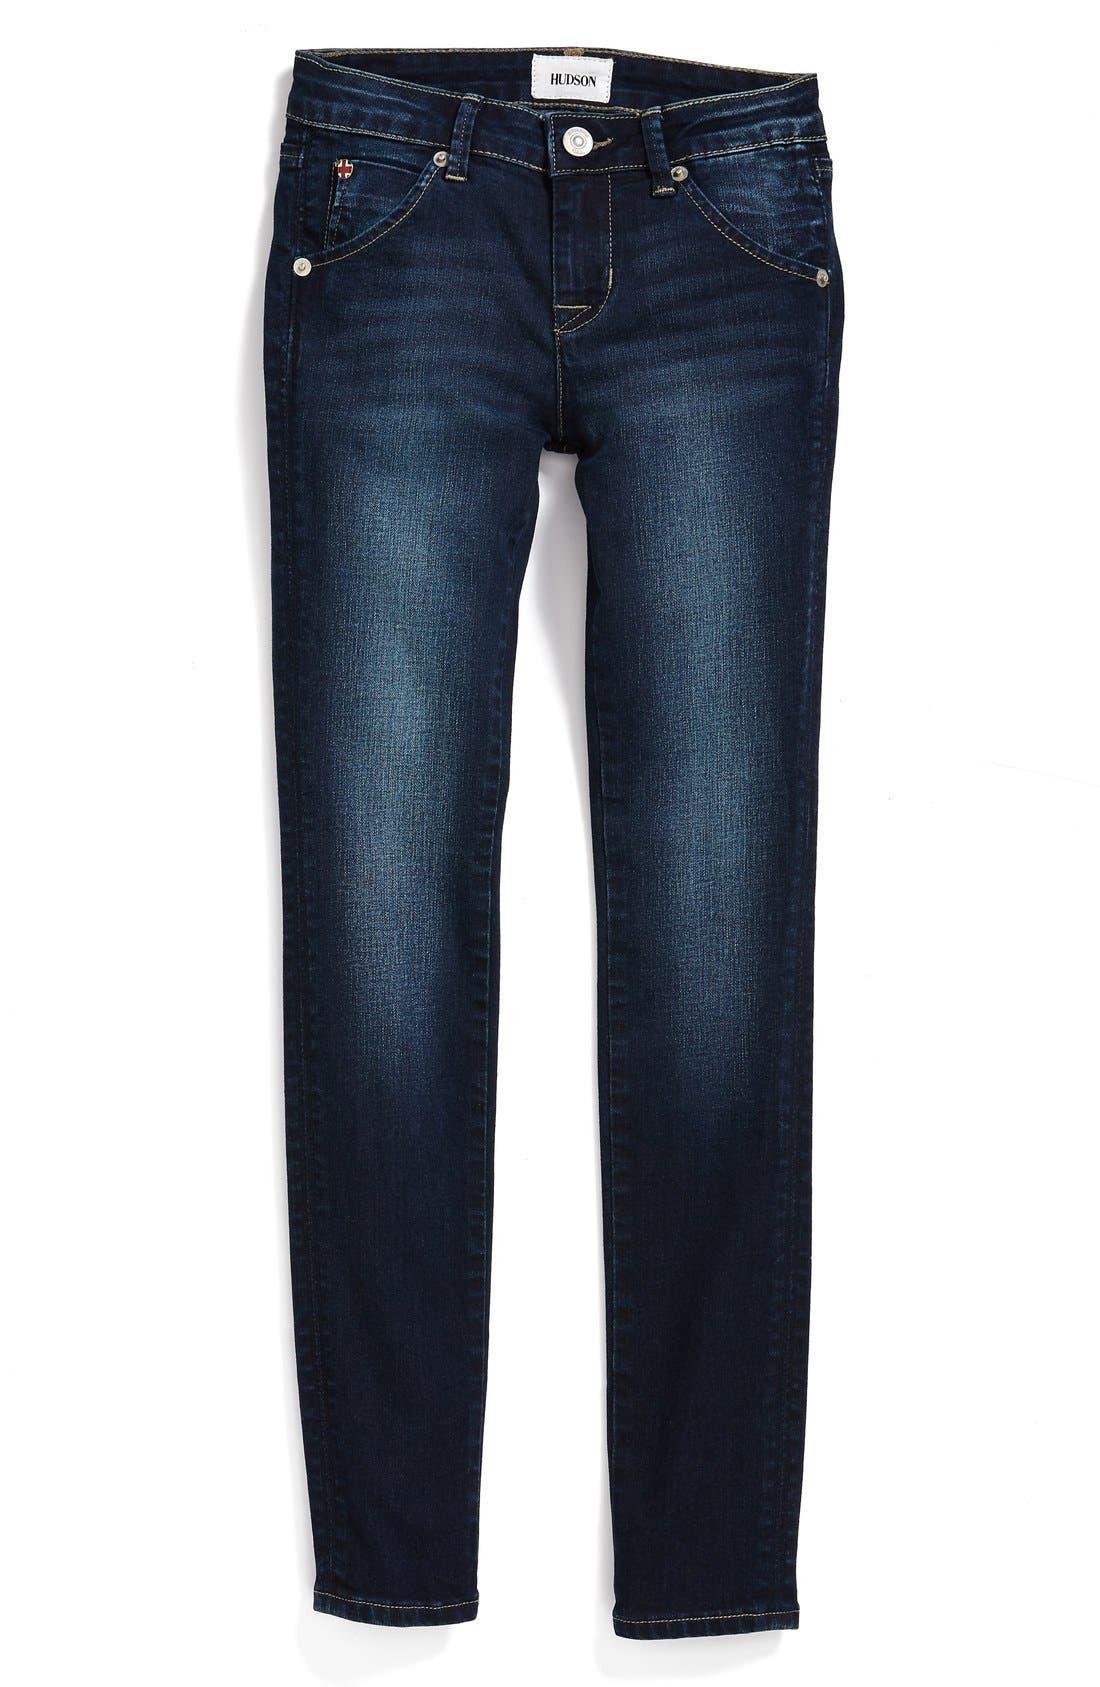 Alternate Image 1 Selected - Hudson Kids 'Collin' Flap Pocket Skinny Jeans (Big Girls)